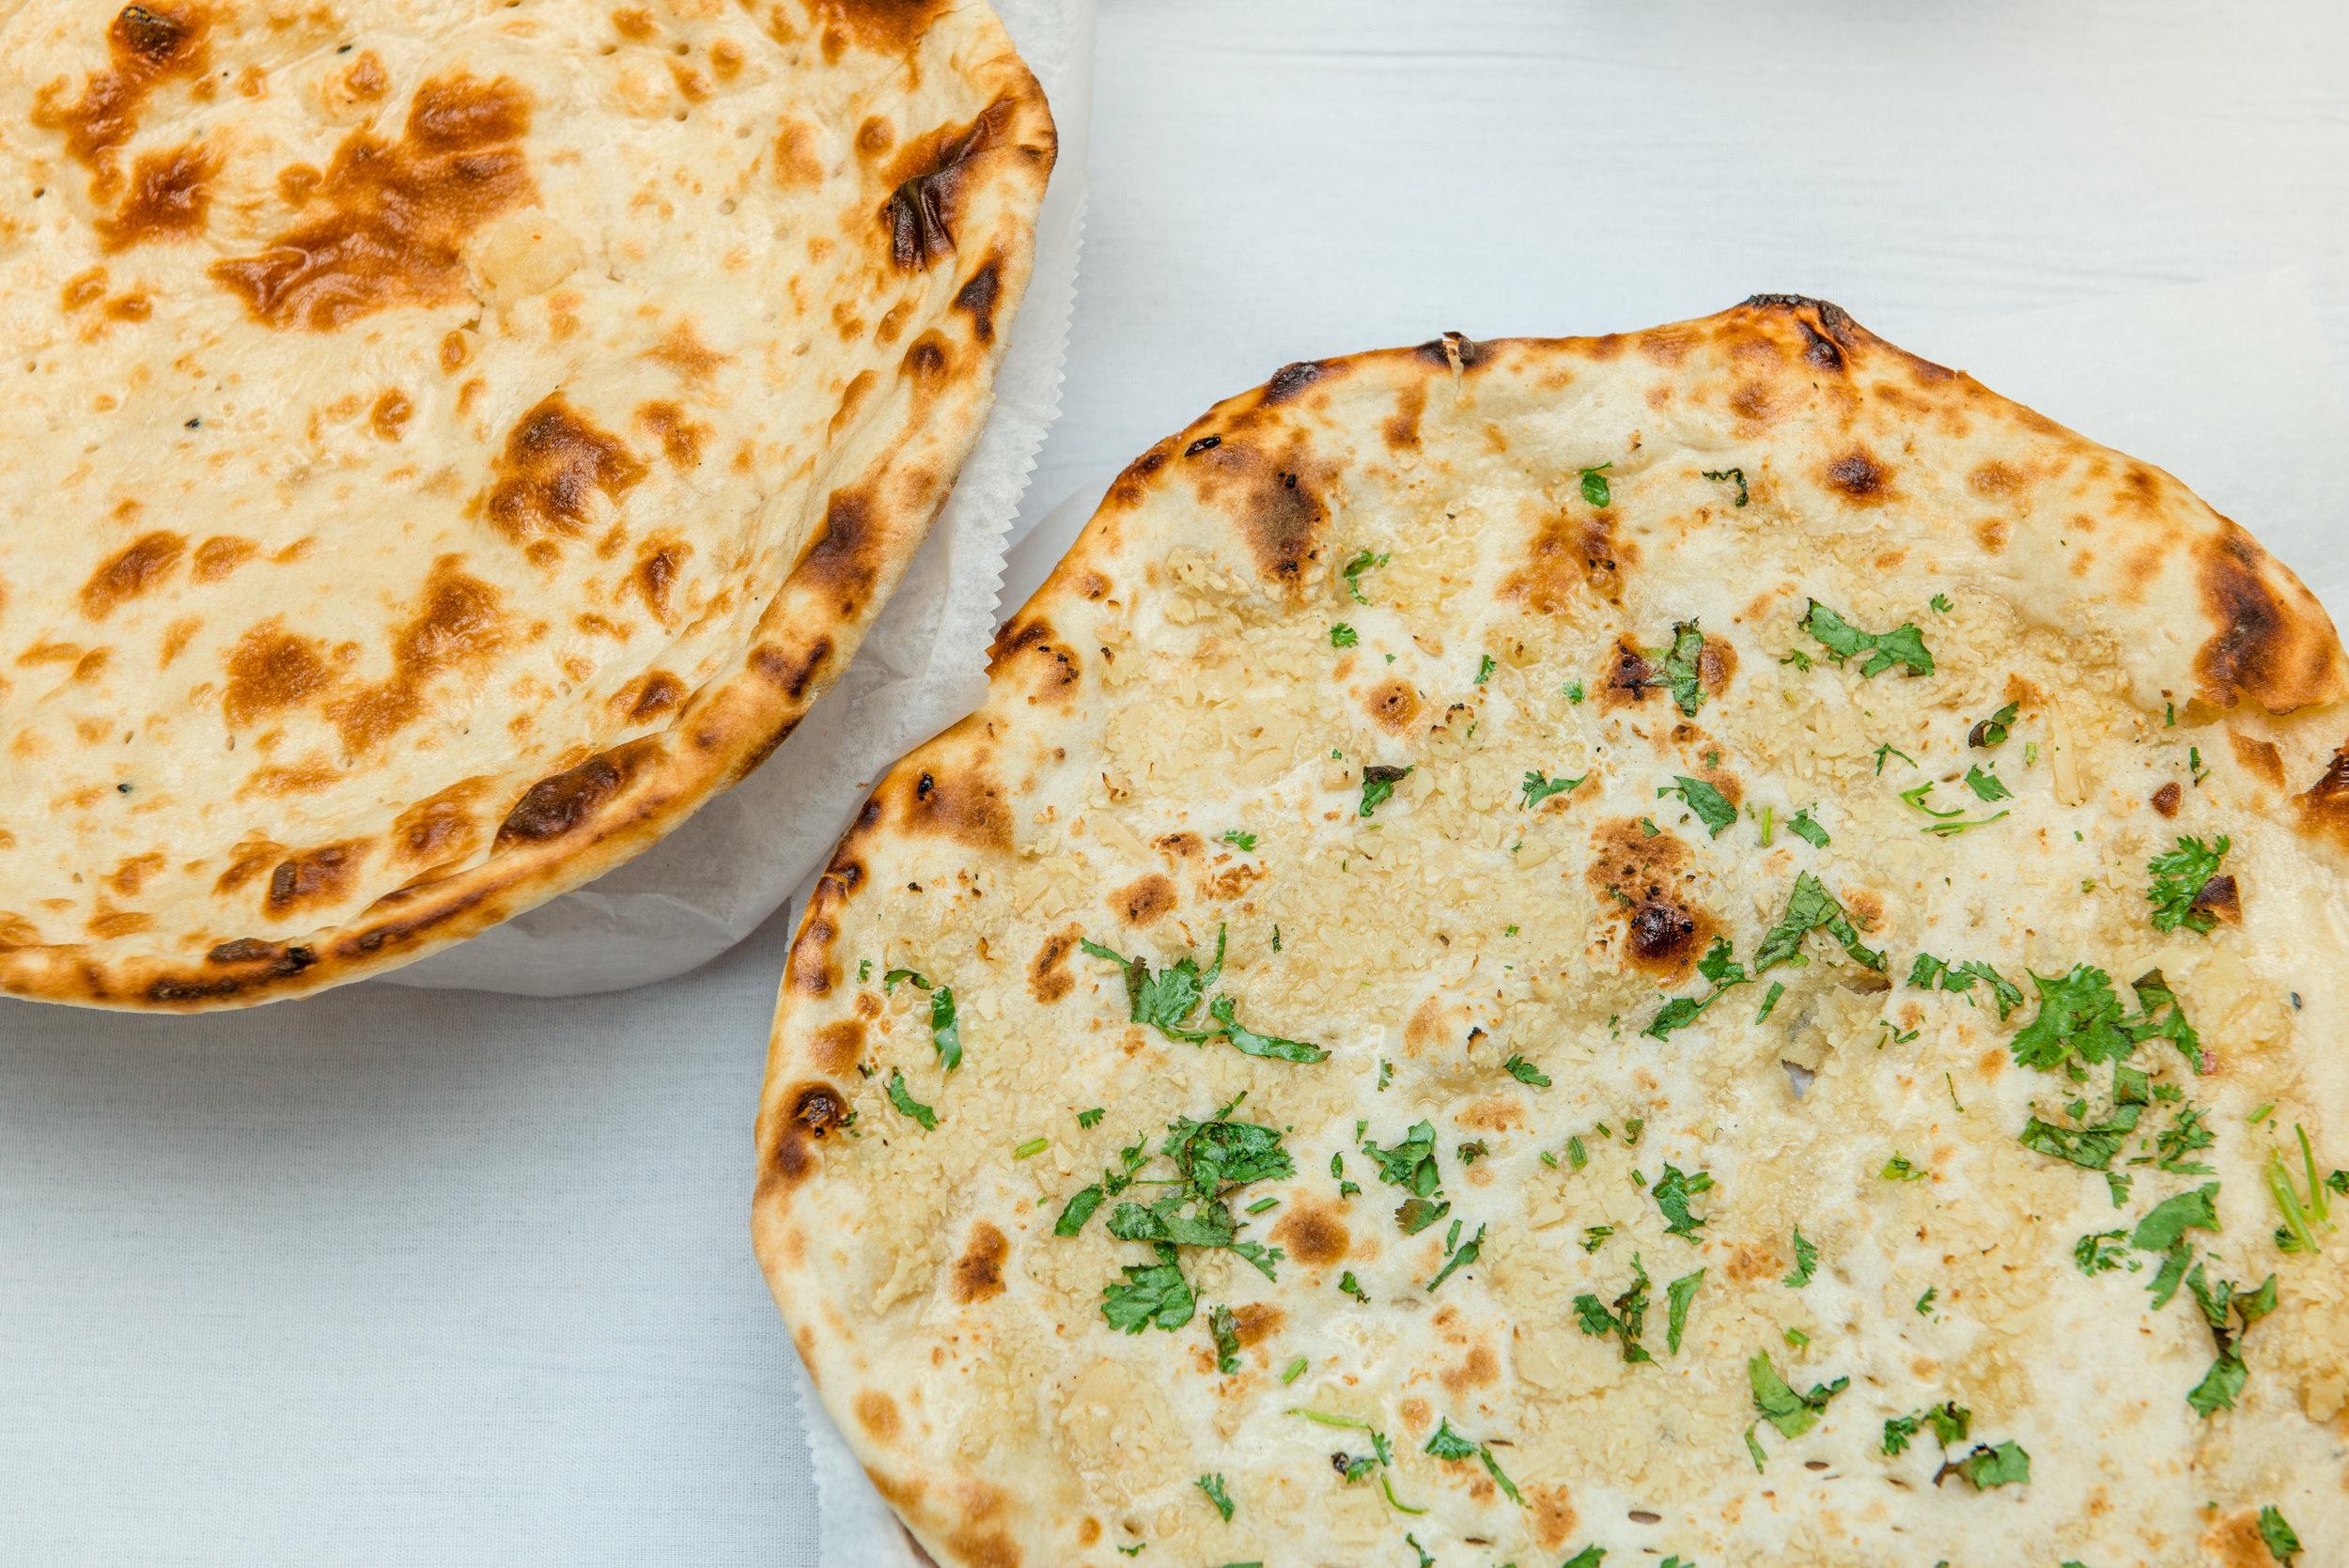 Plain and Garlic Naan